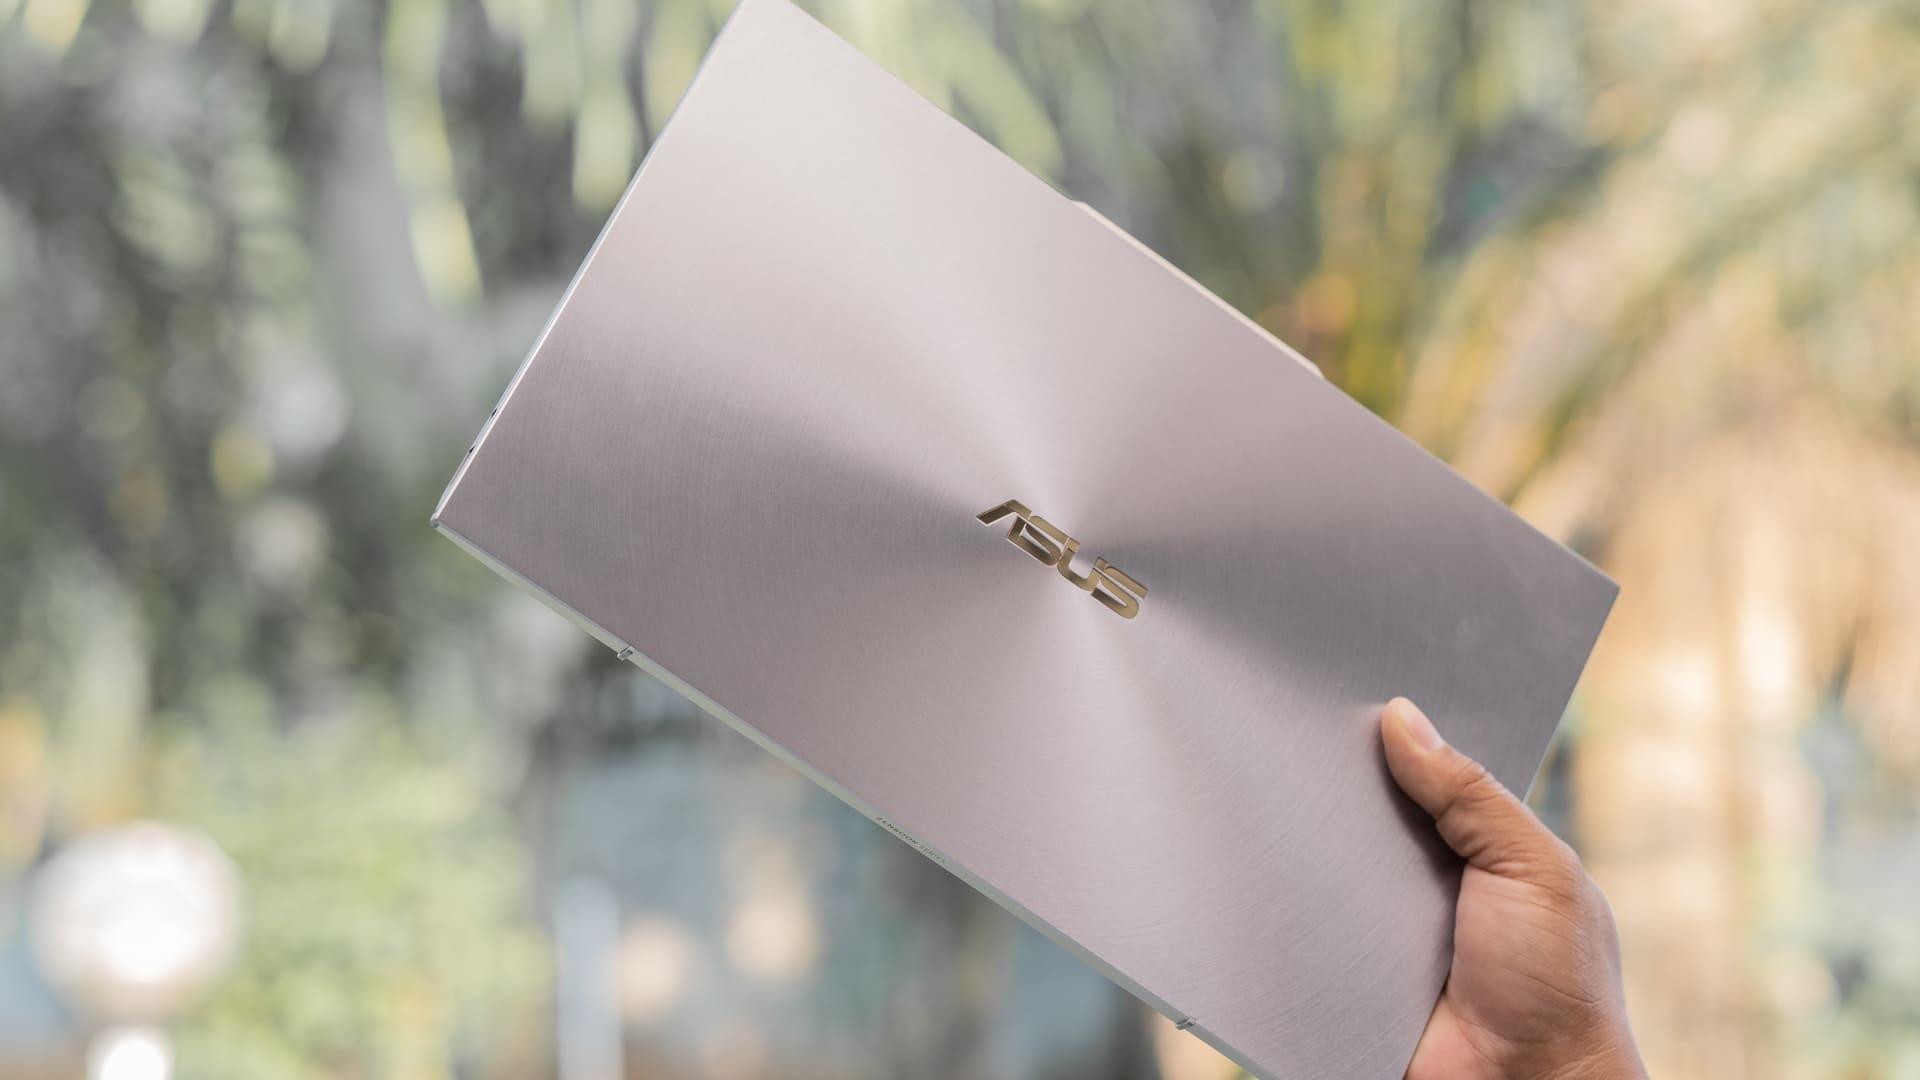 Notebook Asus é bom? Veja a nota da empresa no Reclame Aqui (Foto: Shutterstock)